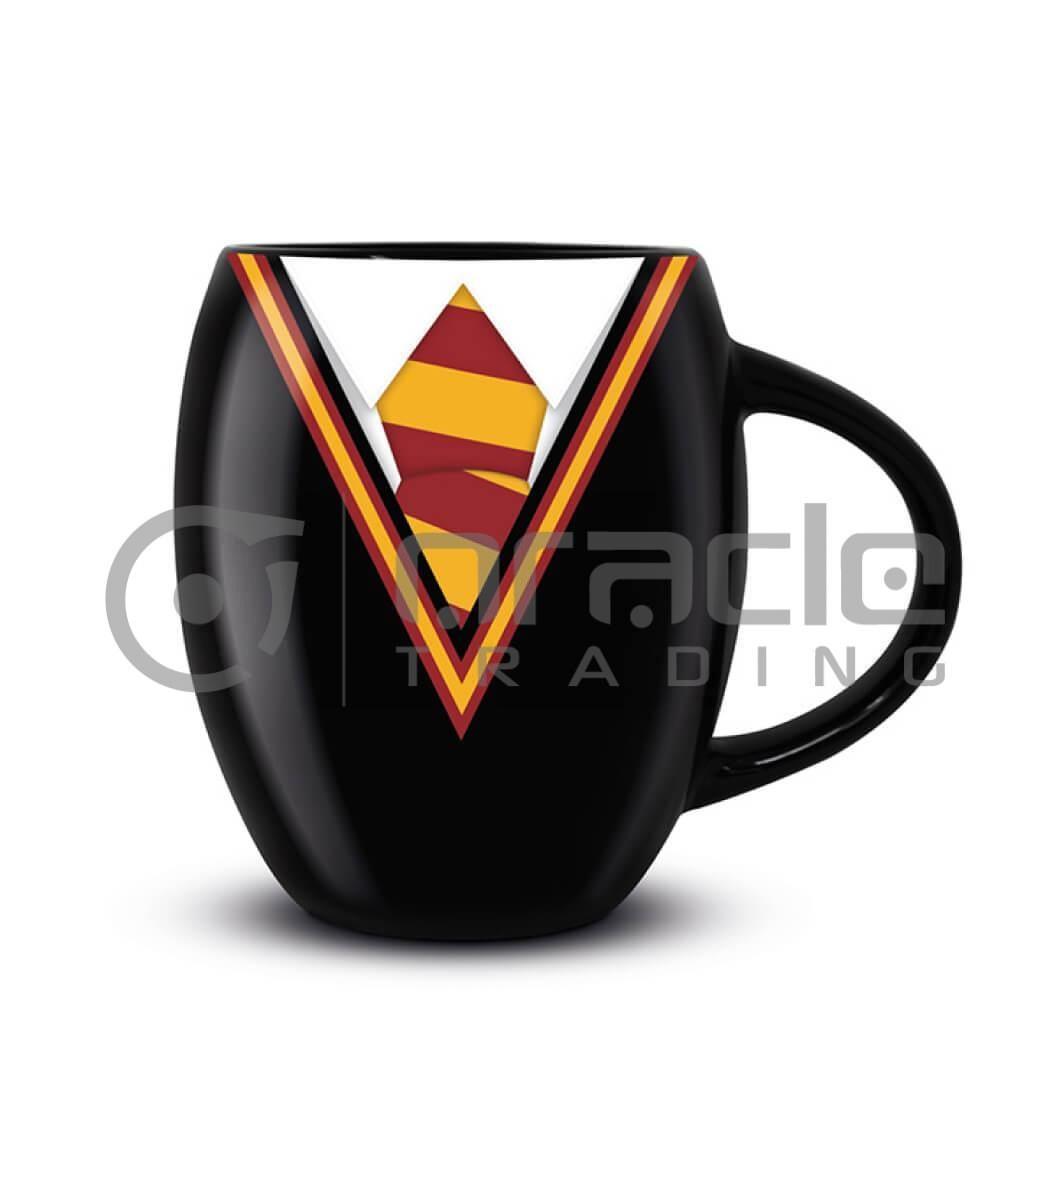 Harry Potter Oval Mug - Gryffindor Uniform